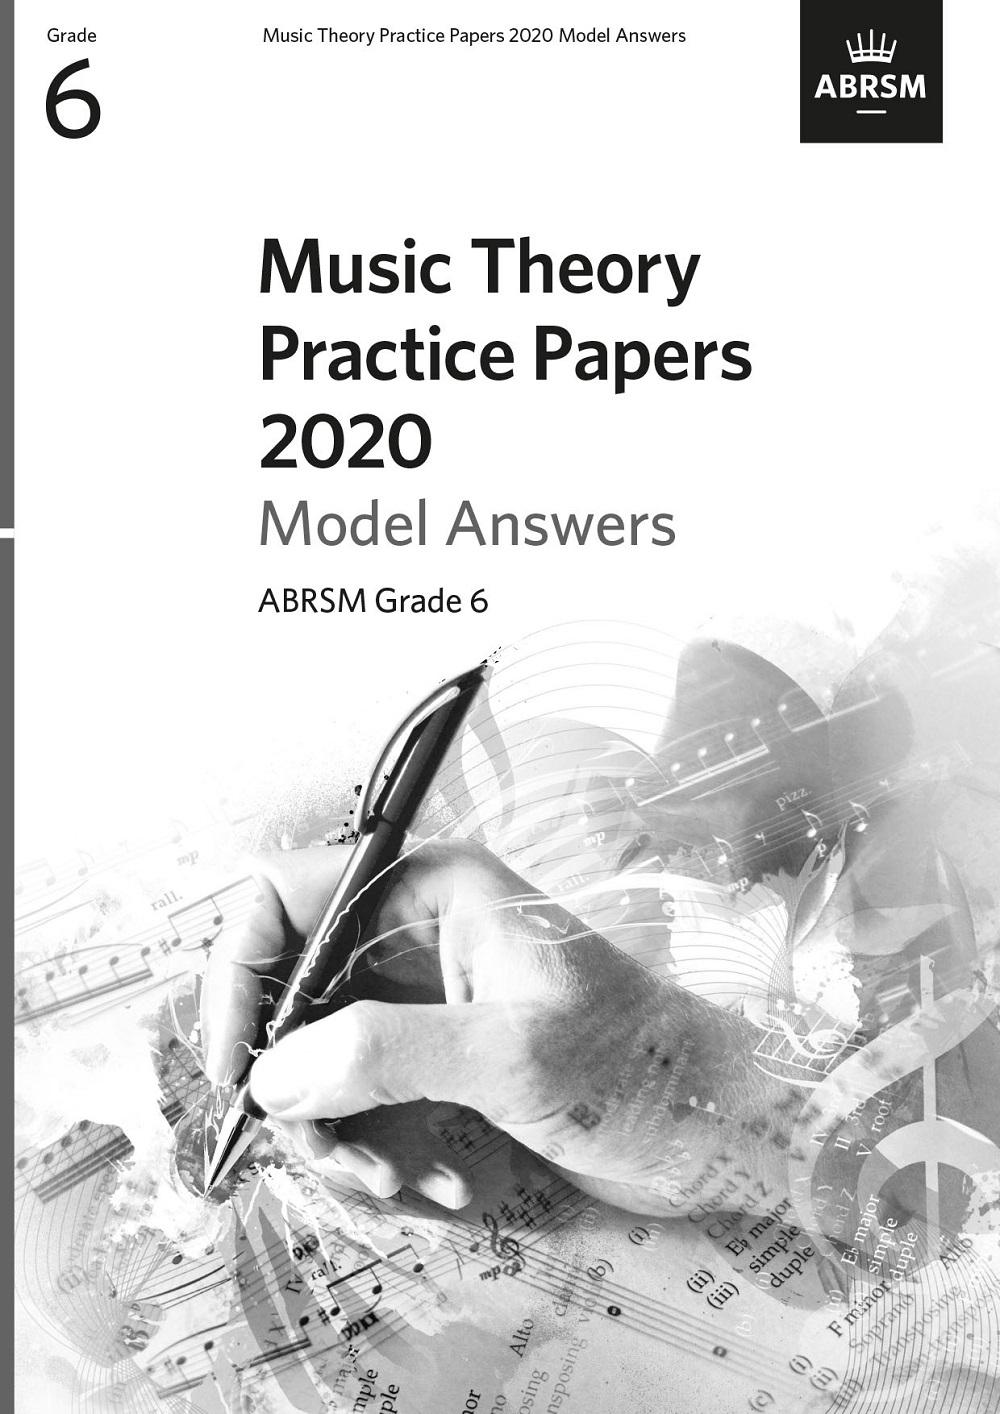 Music Theory Model Answers 2020 Grade 6: Theory